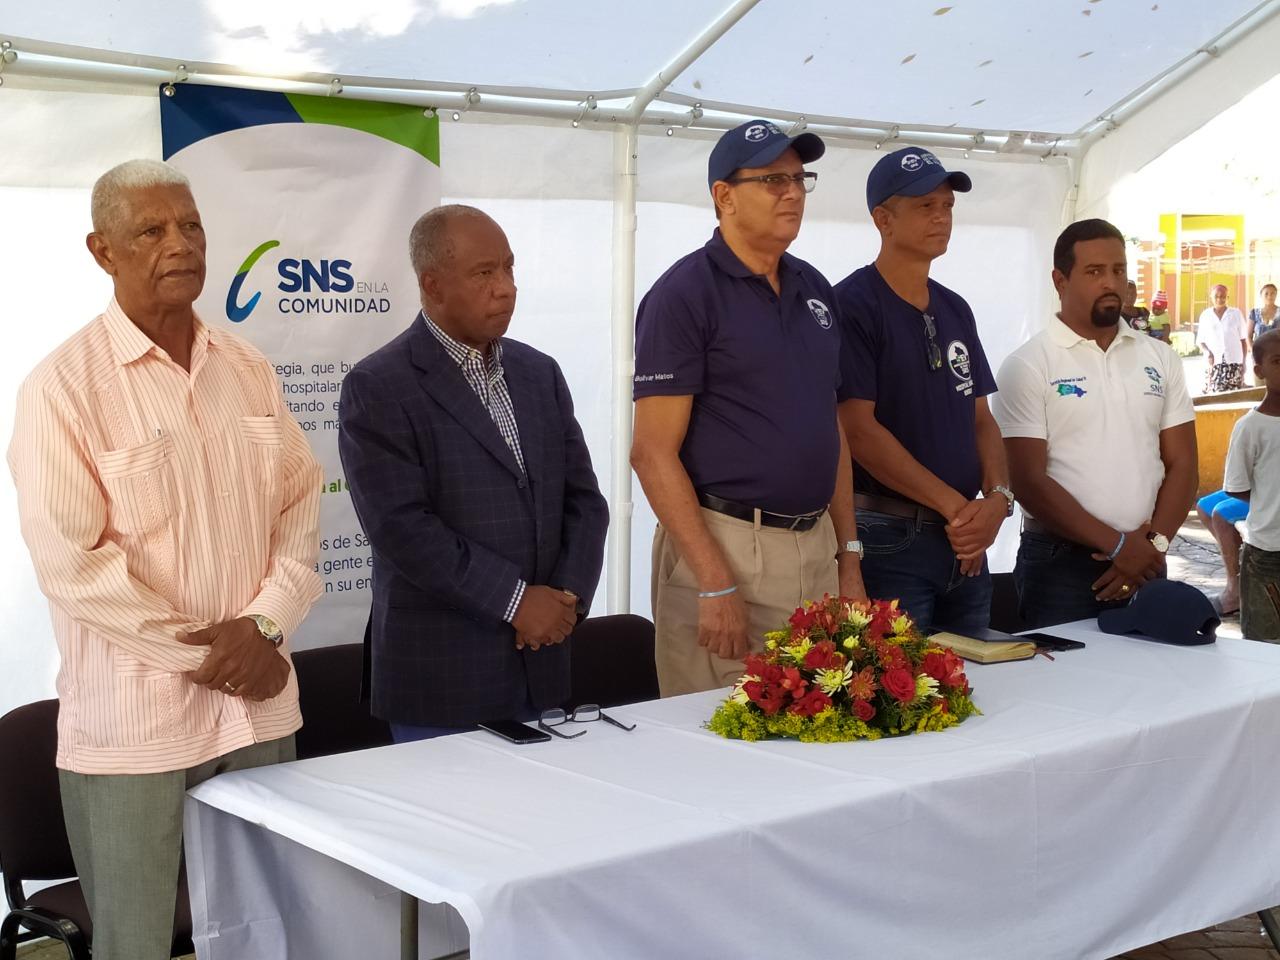 Desde Hondo Valle El Servicio Regional de Salud El Valle lanzó la estrategia el SNS en Tu Comunidad.